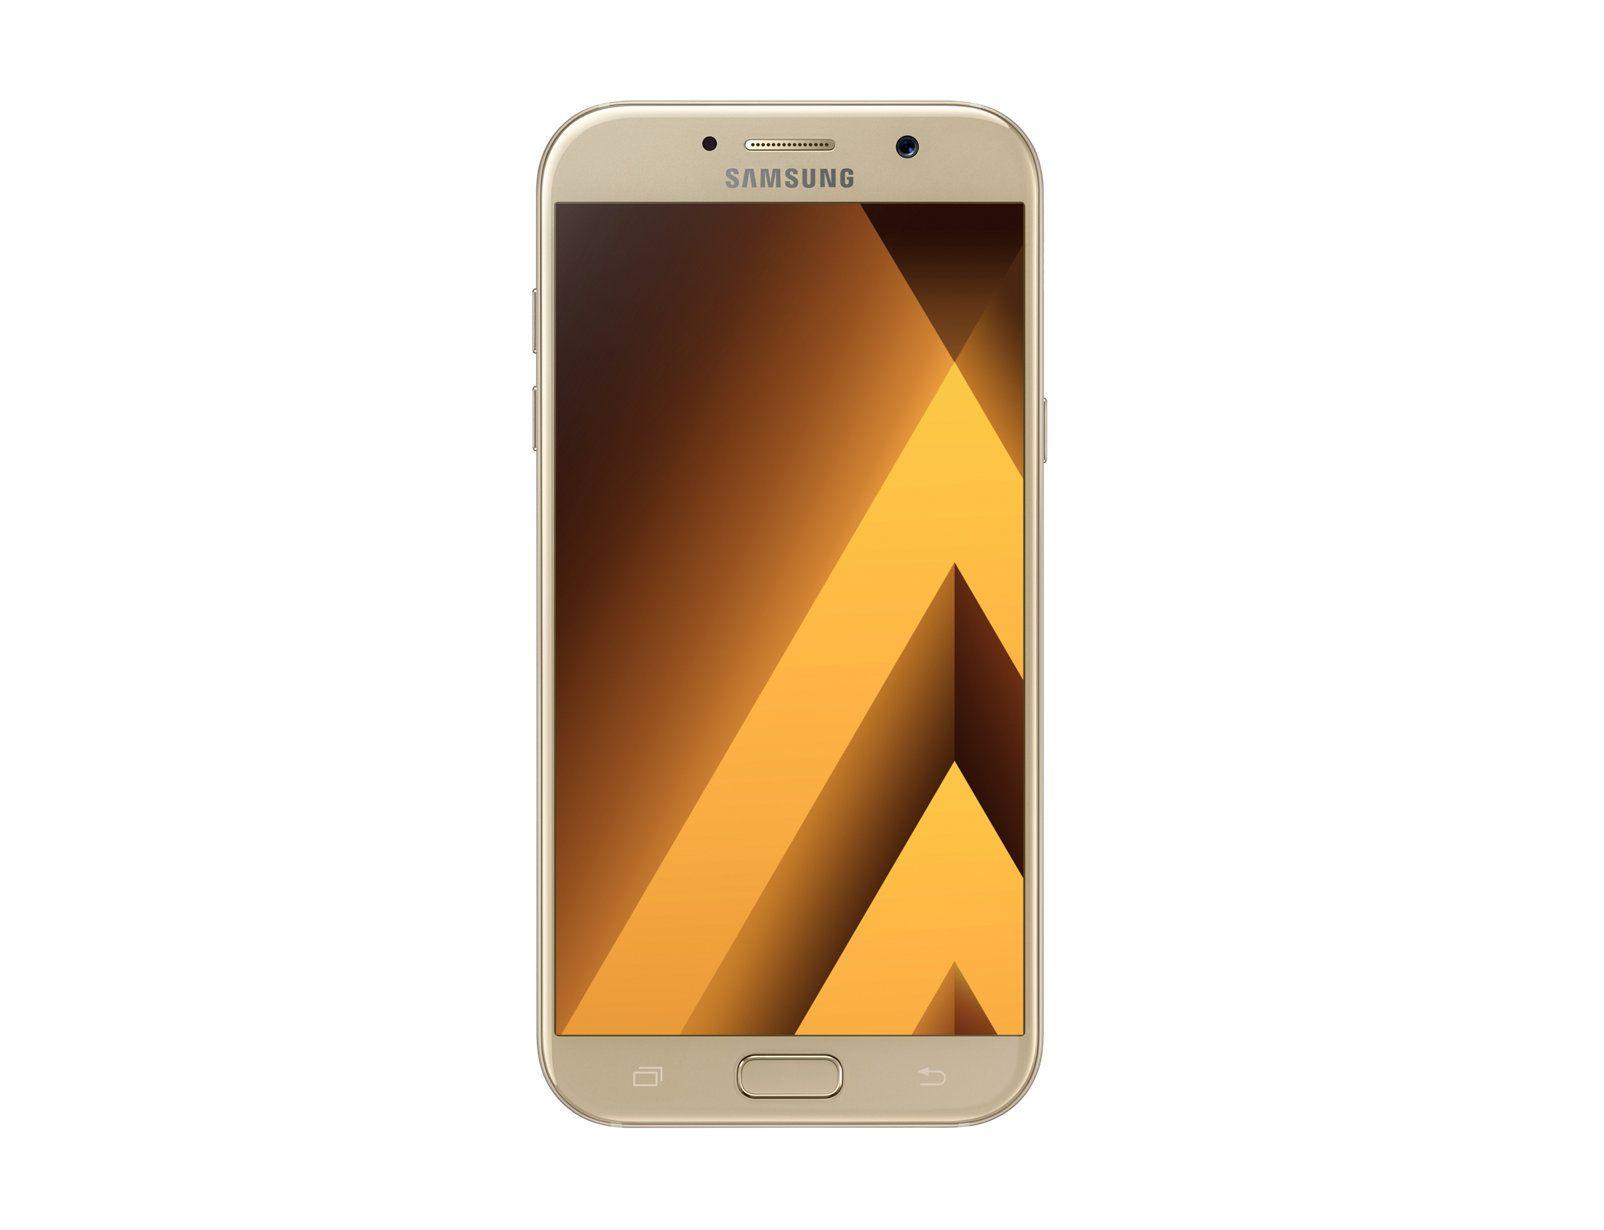 Samsung Galaxy A7 (2017) - 32GB, Resistente à água e a poeira, 16MP (f/1.9), Tela de 5,7